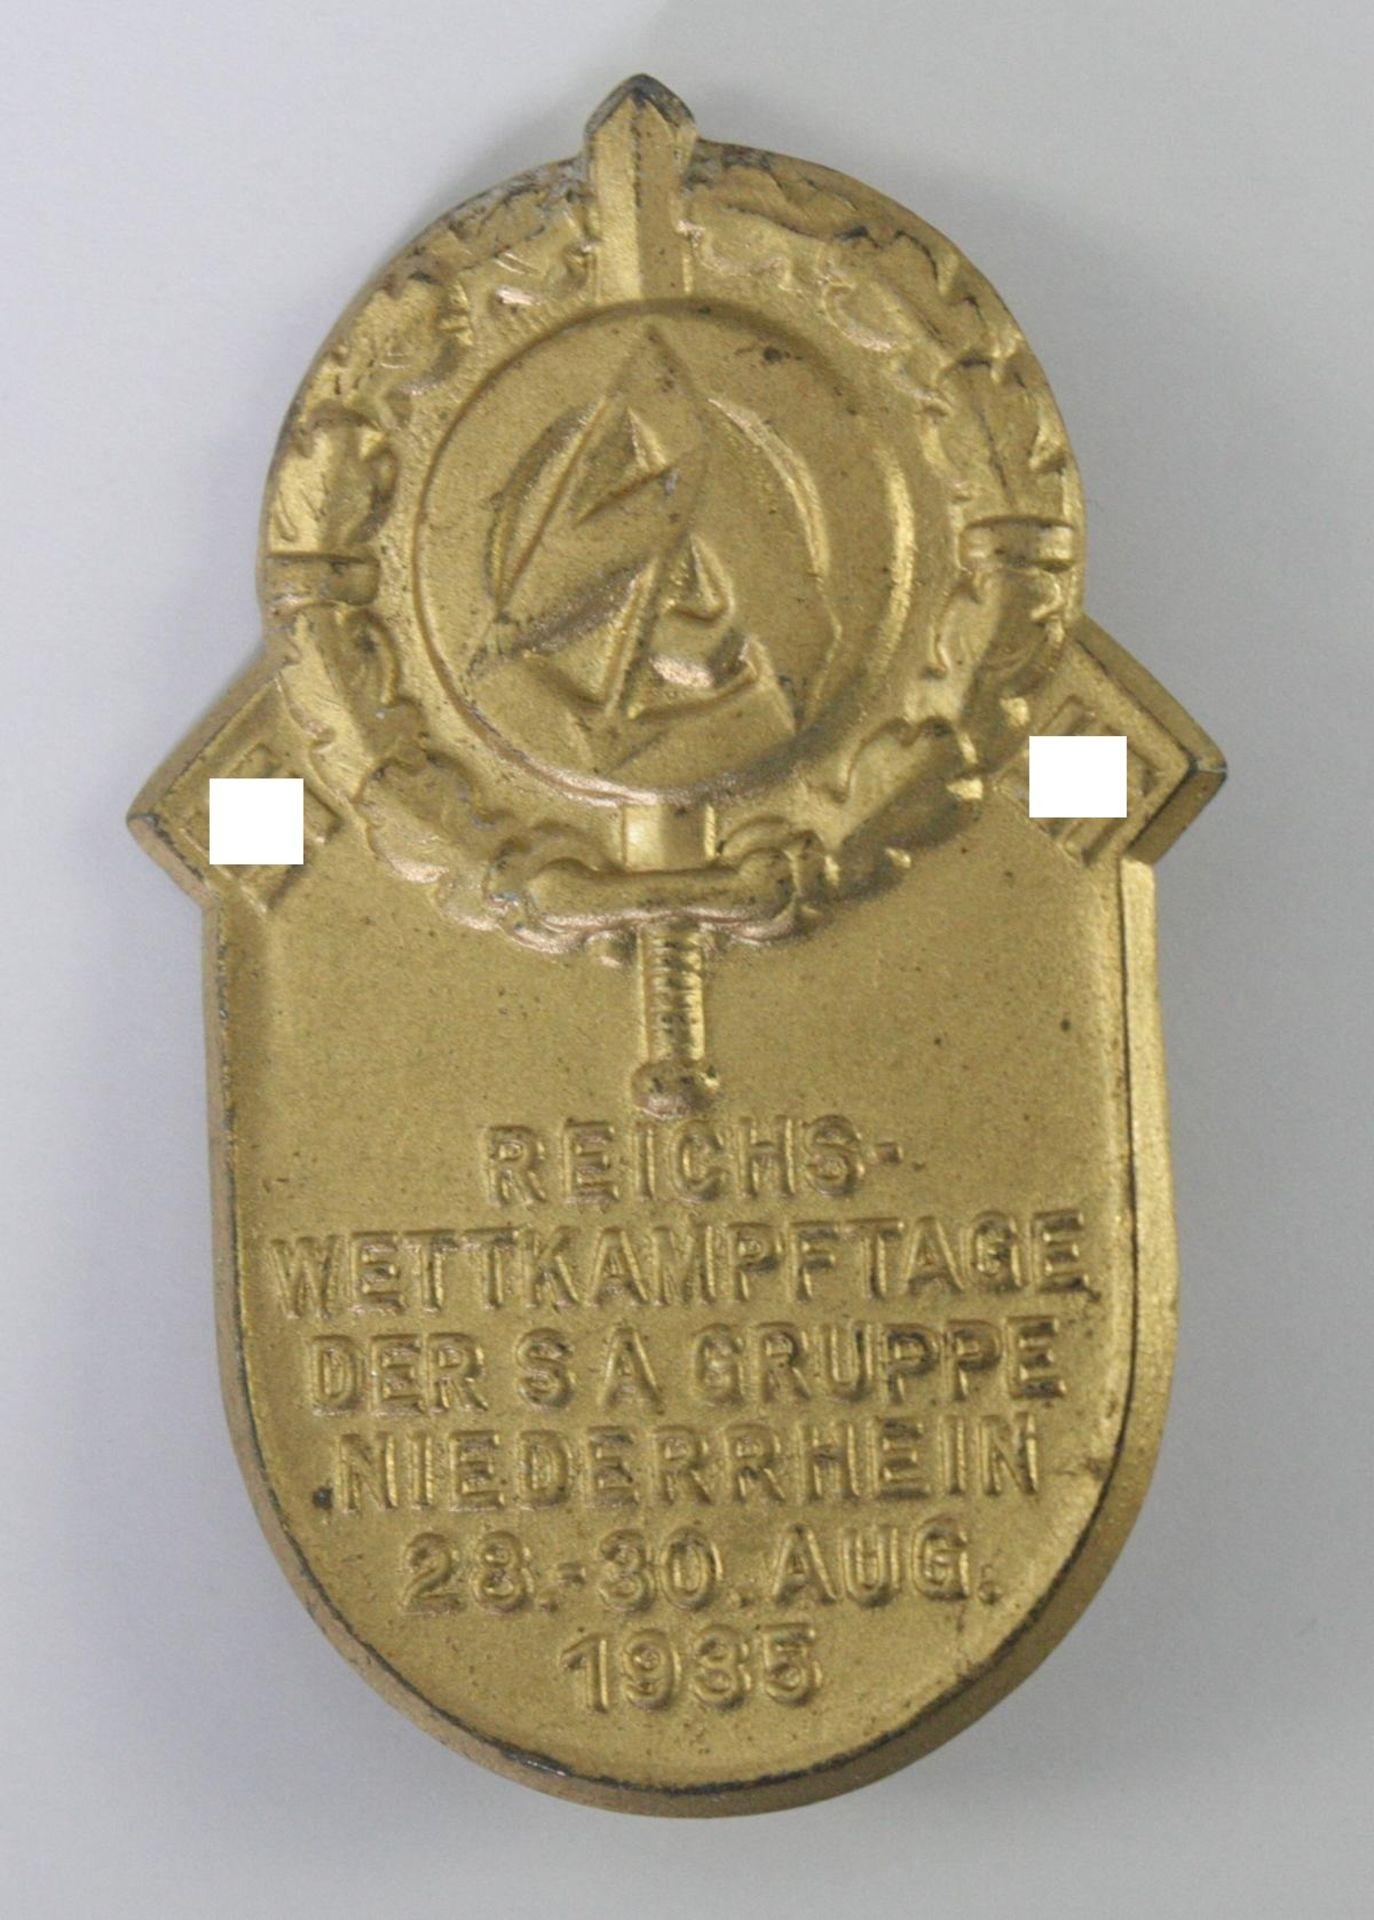 Abzeichen, Reichs-Wettkämpfe der SA Gruppe Niederrhein 1935